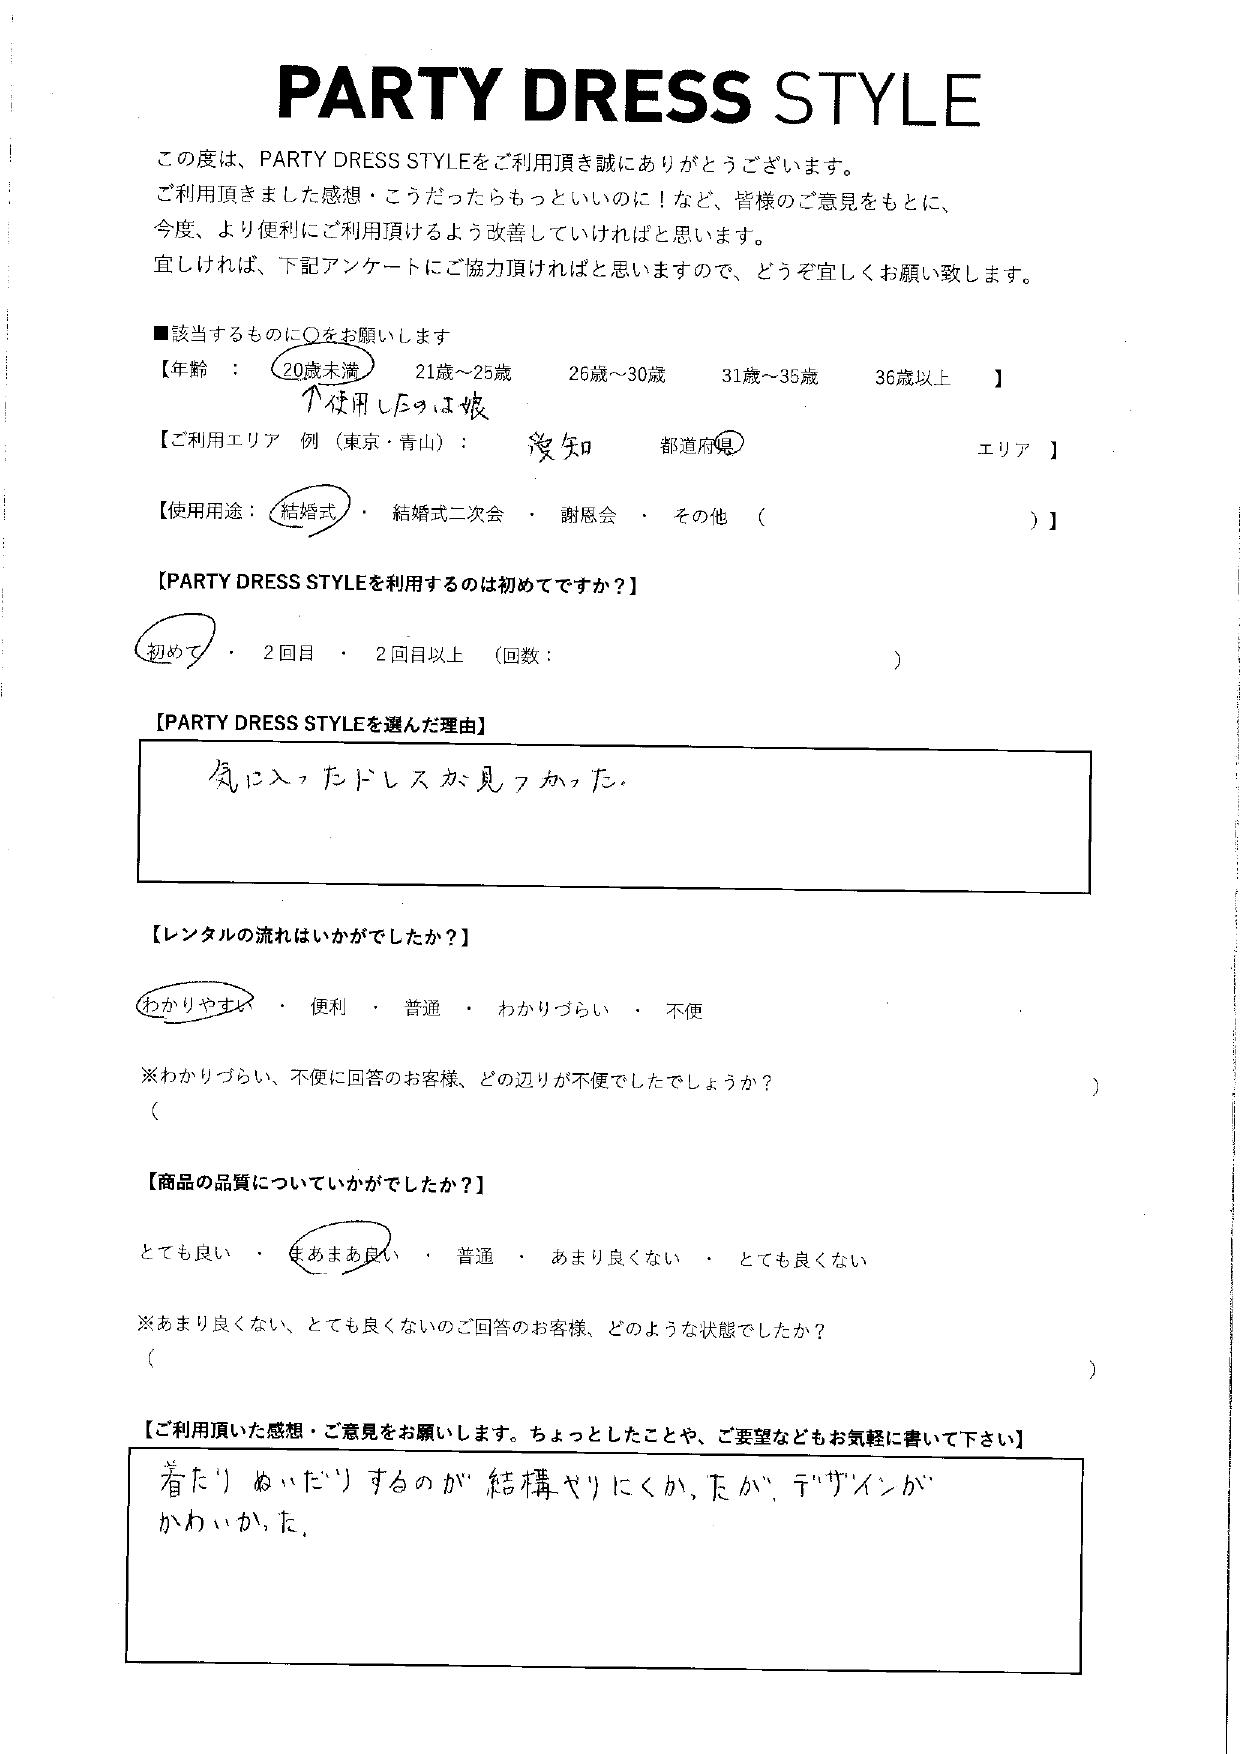 12/13結婚式ご利用 愛知エリア